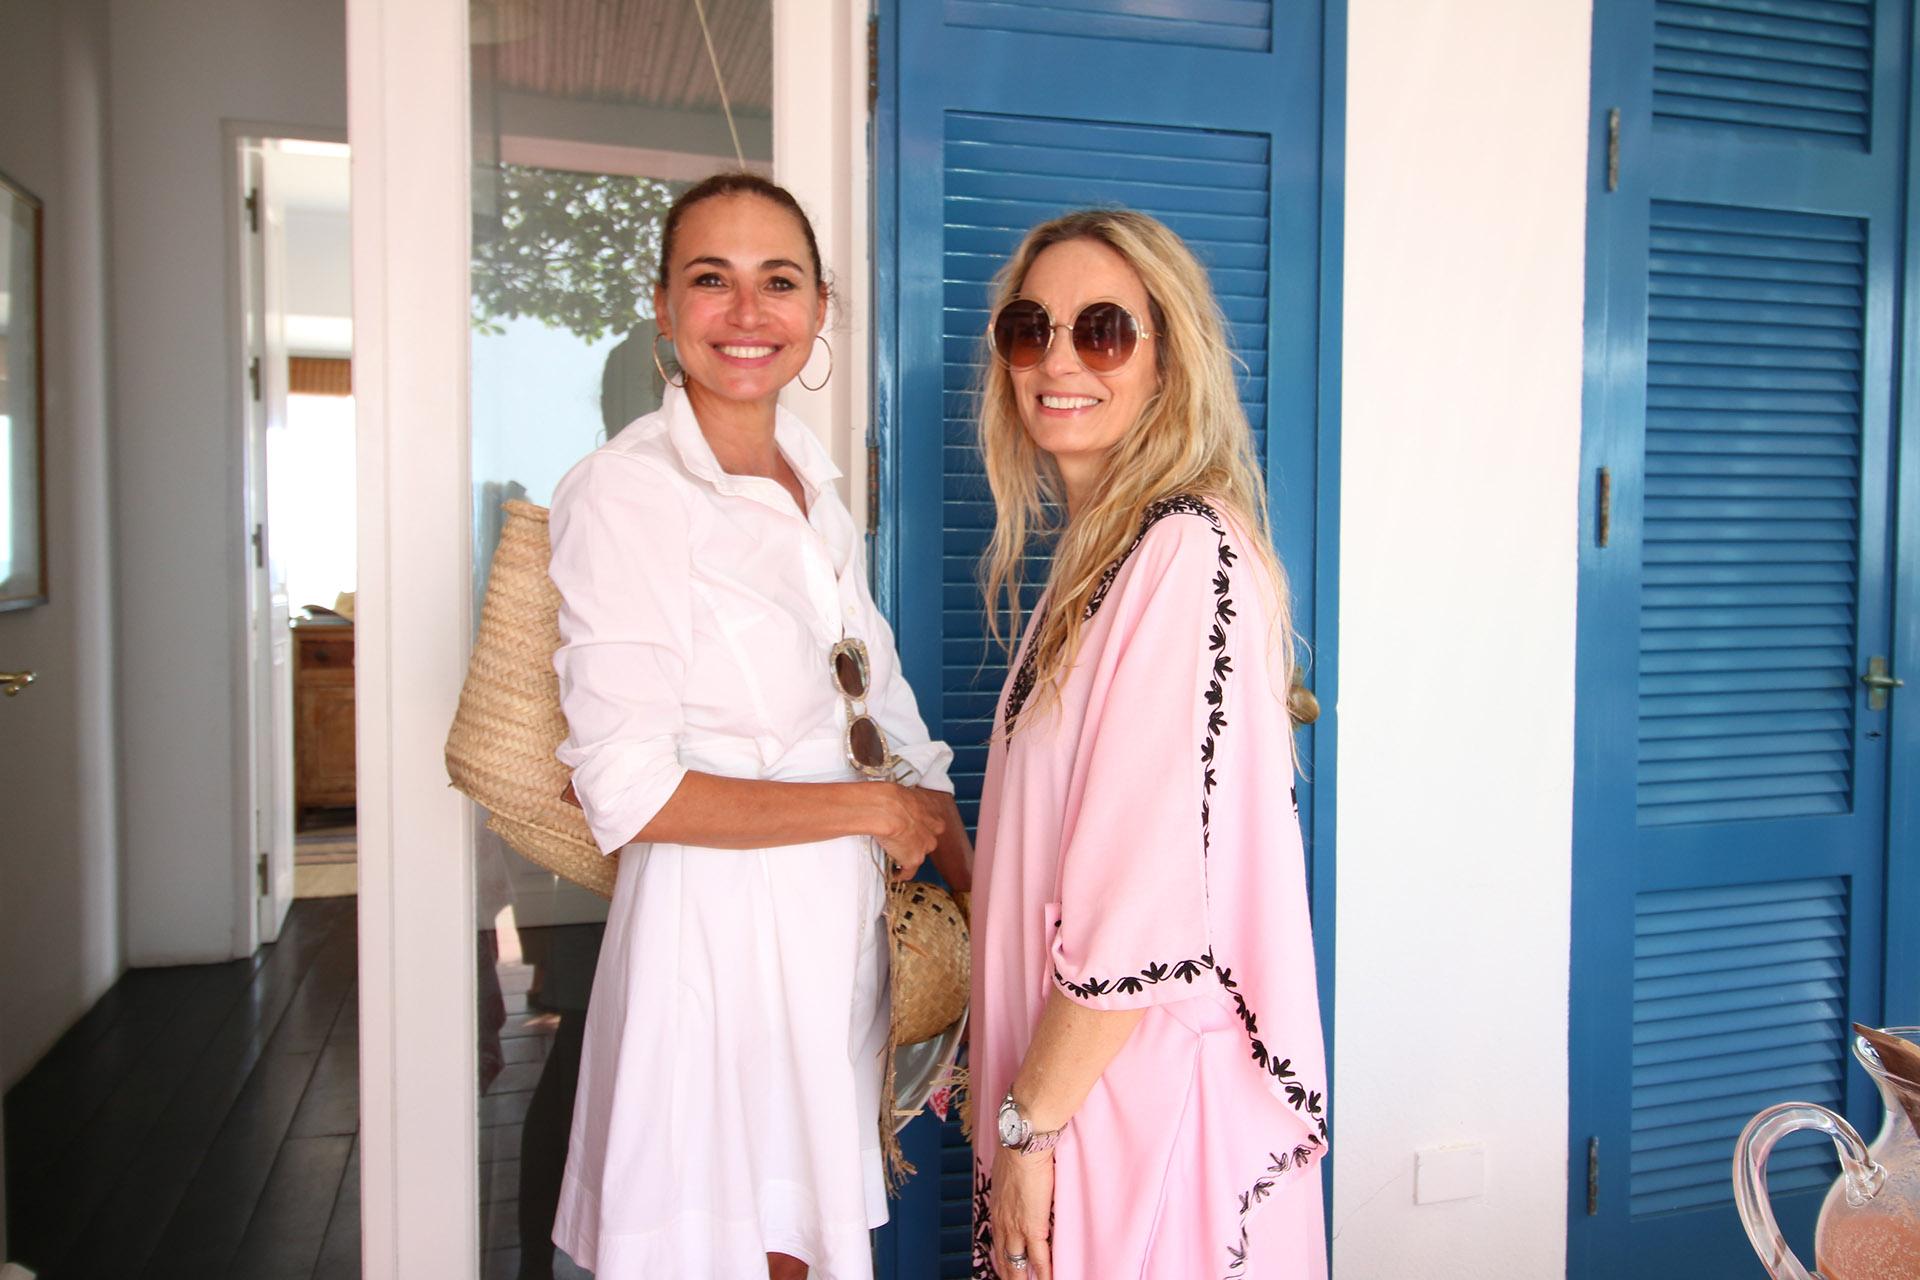 Natalia Lobo y Delfina Vázquez Maiztegui